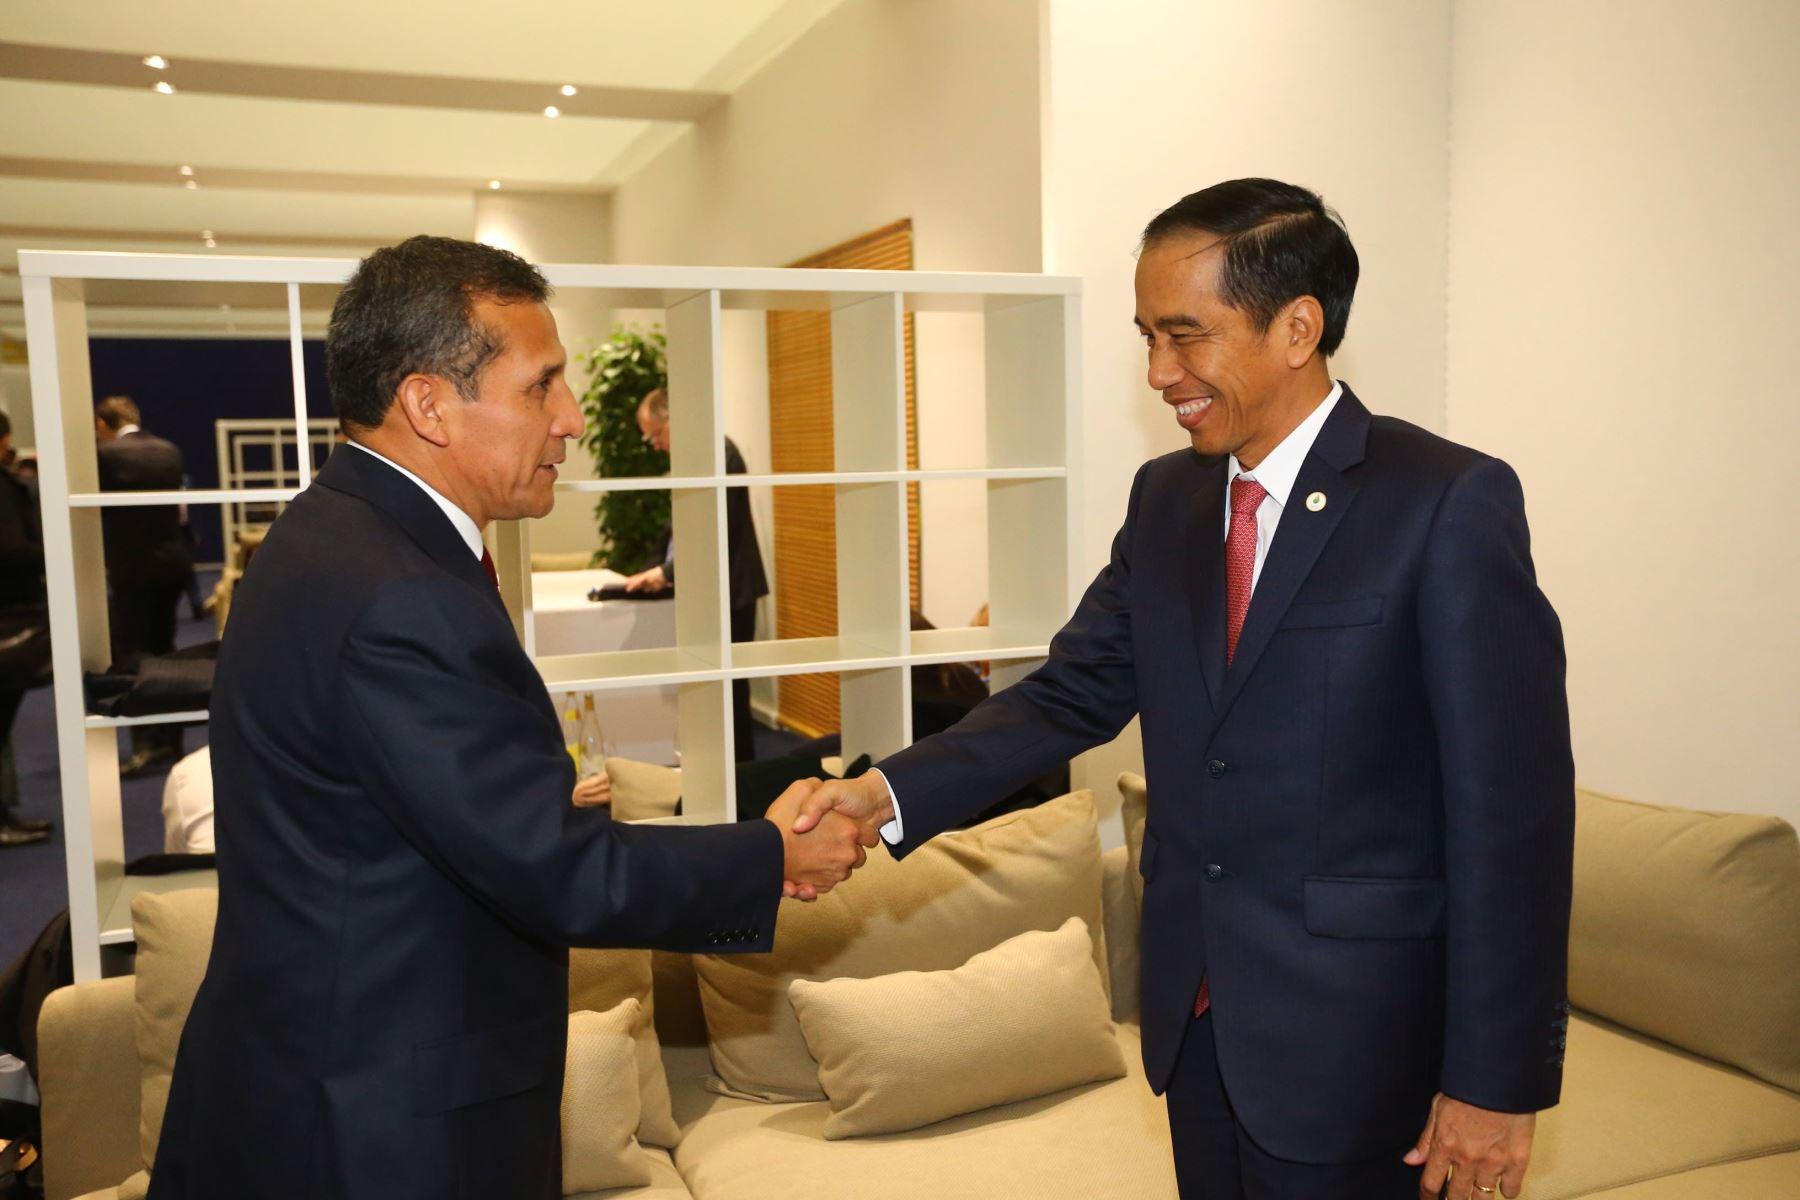 El presidente peruano Ollanta Humala se reunió hoy con su homólogo de Indonesia, Joko Widodo.en París. ANDINA/Presidencia